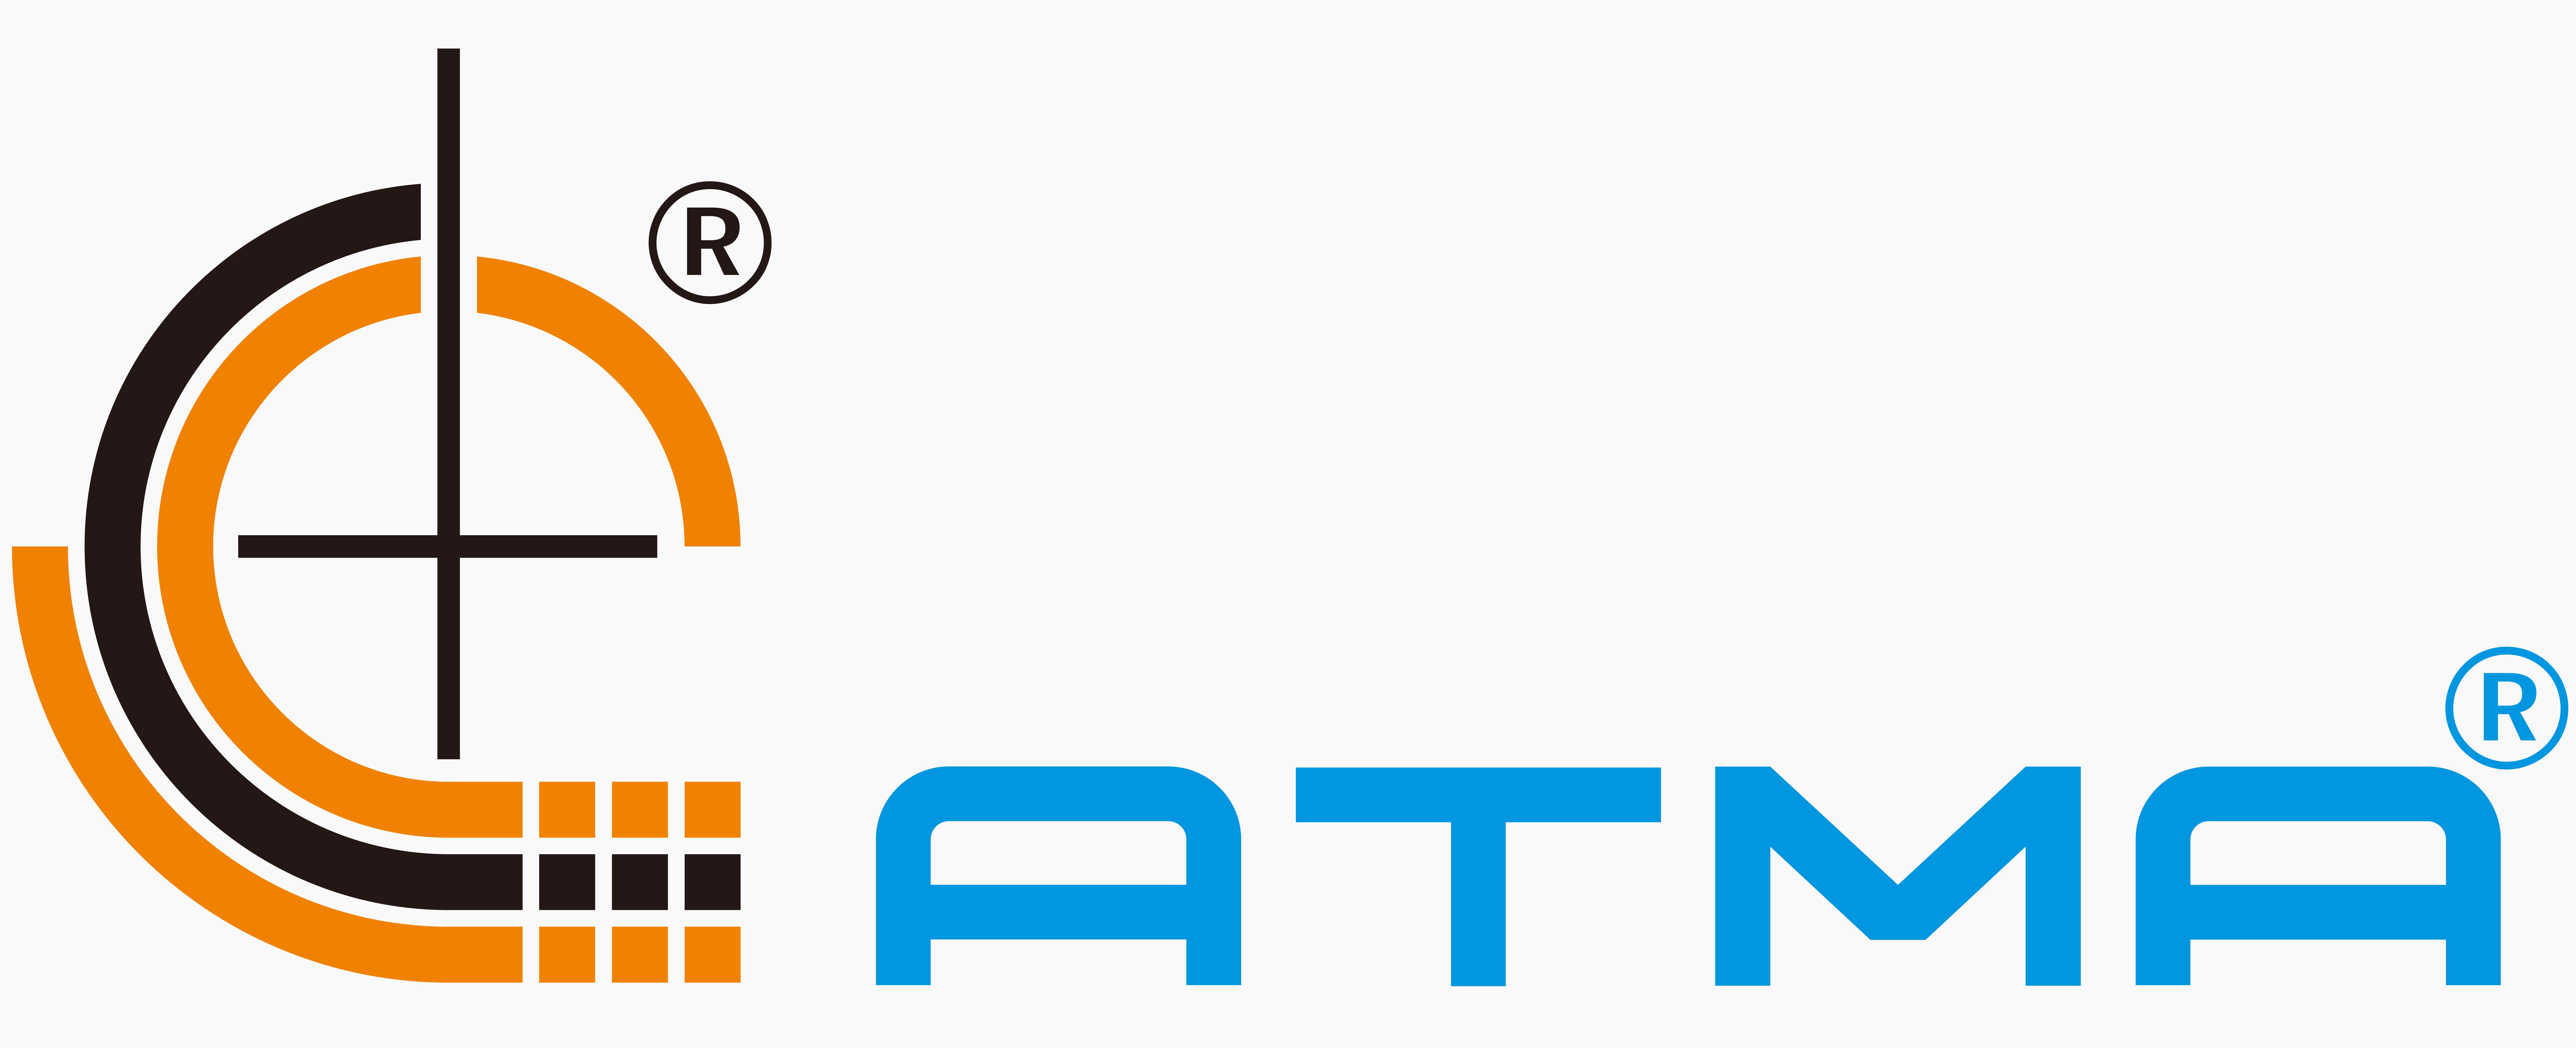 ATMA розшифровується як Advanced Taiwan або Tung Yuan Machinery Automation.